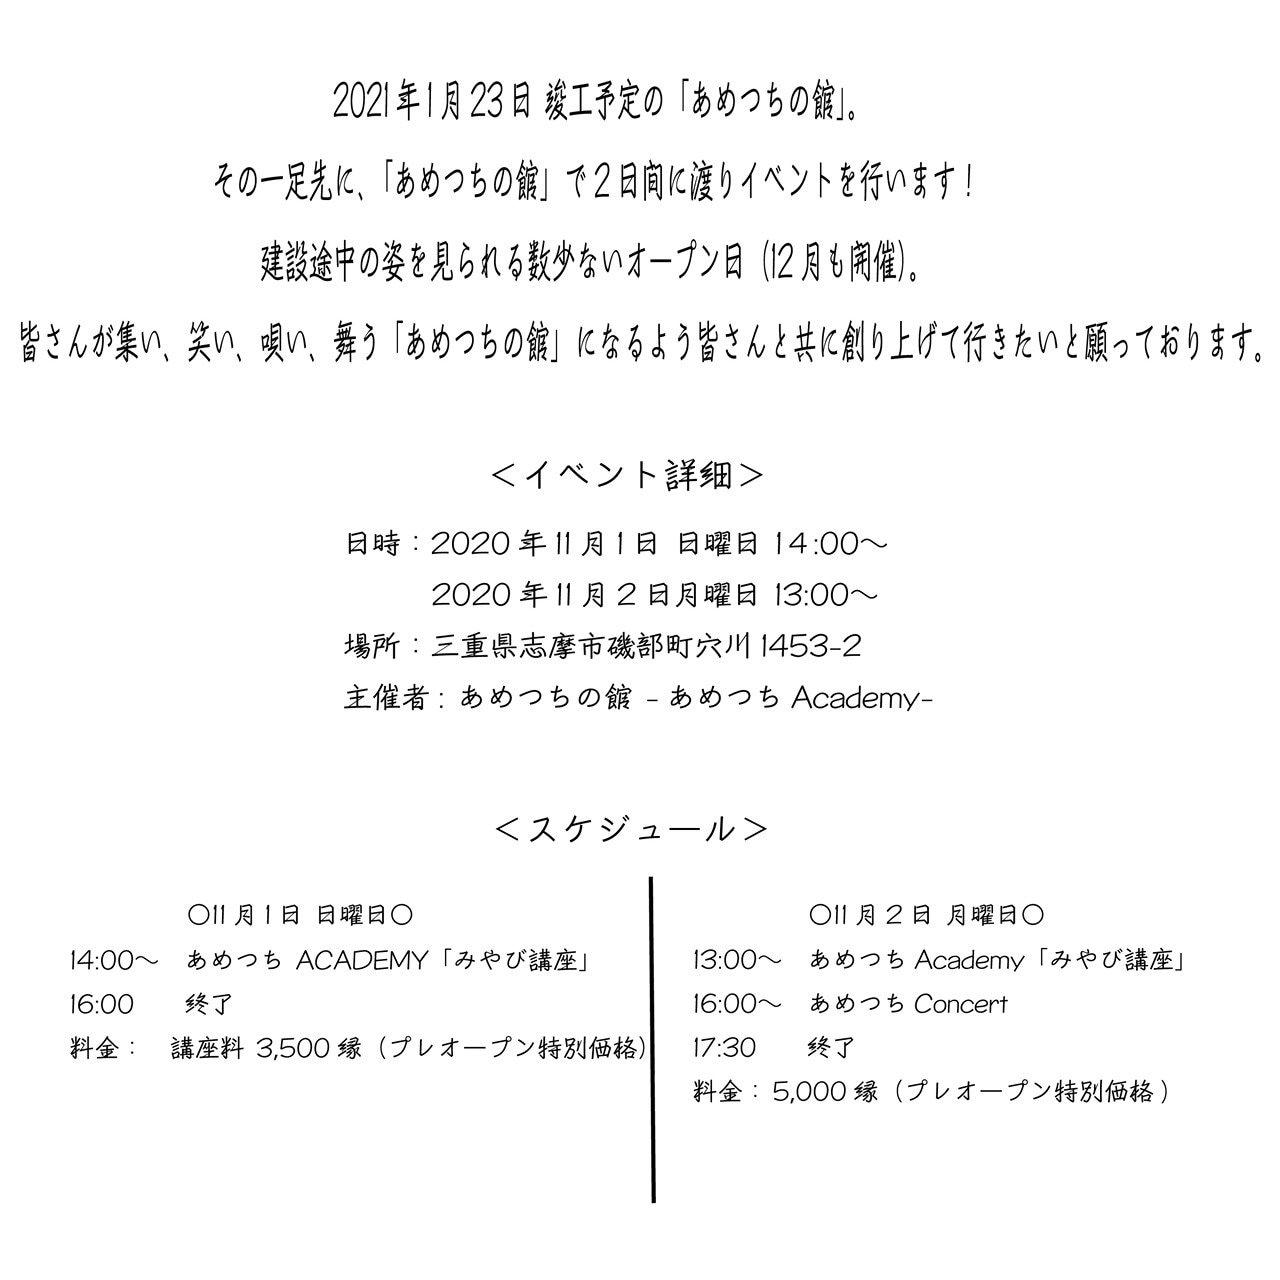 天地 -AMETSUCHI- コンサート&雅講座のイメージその4